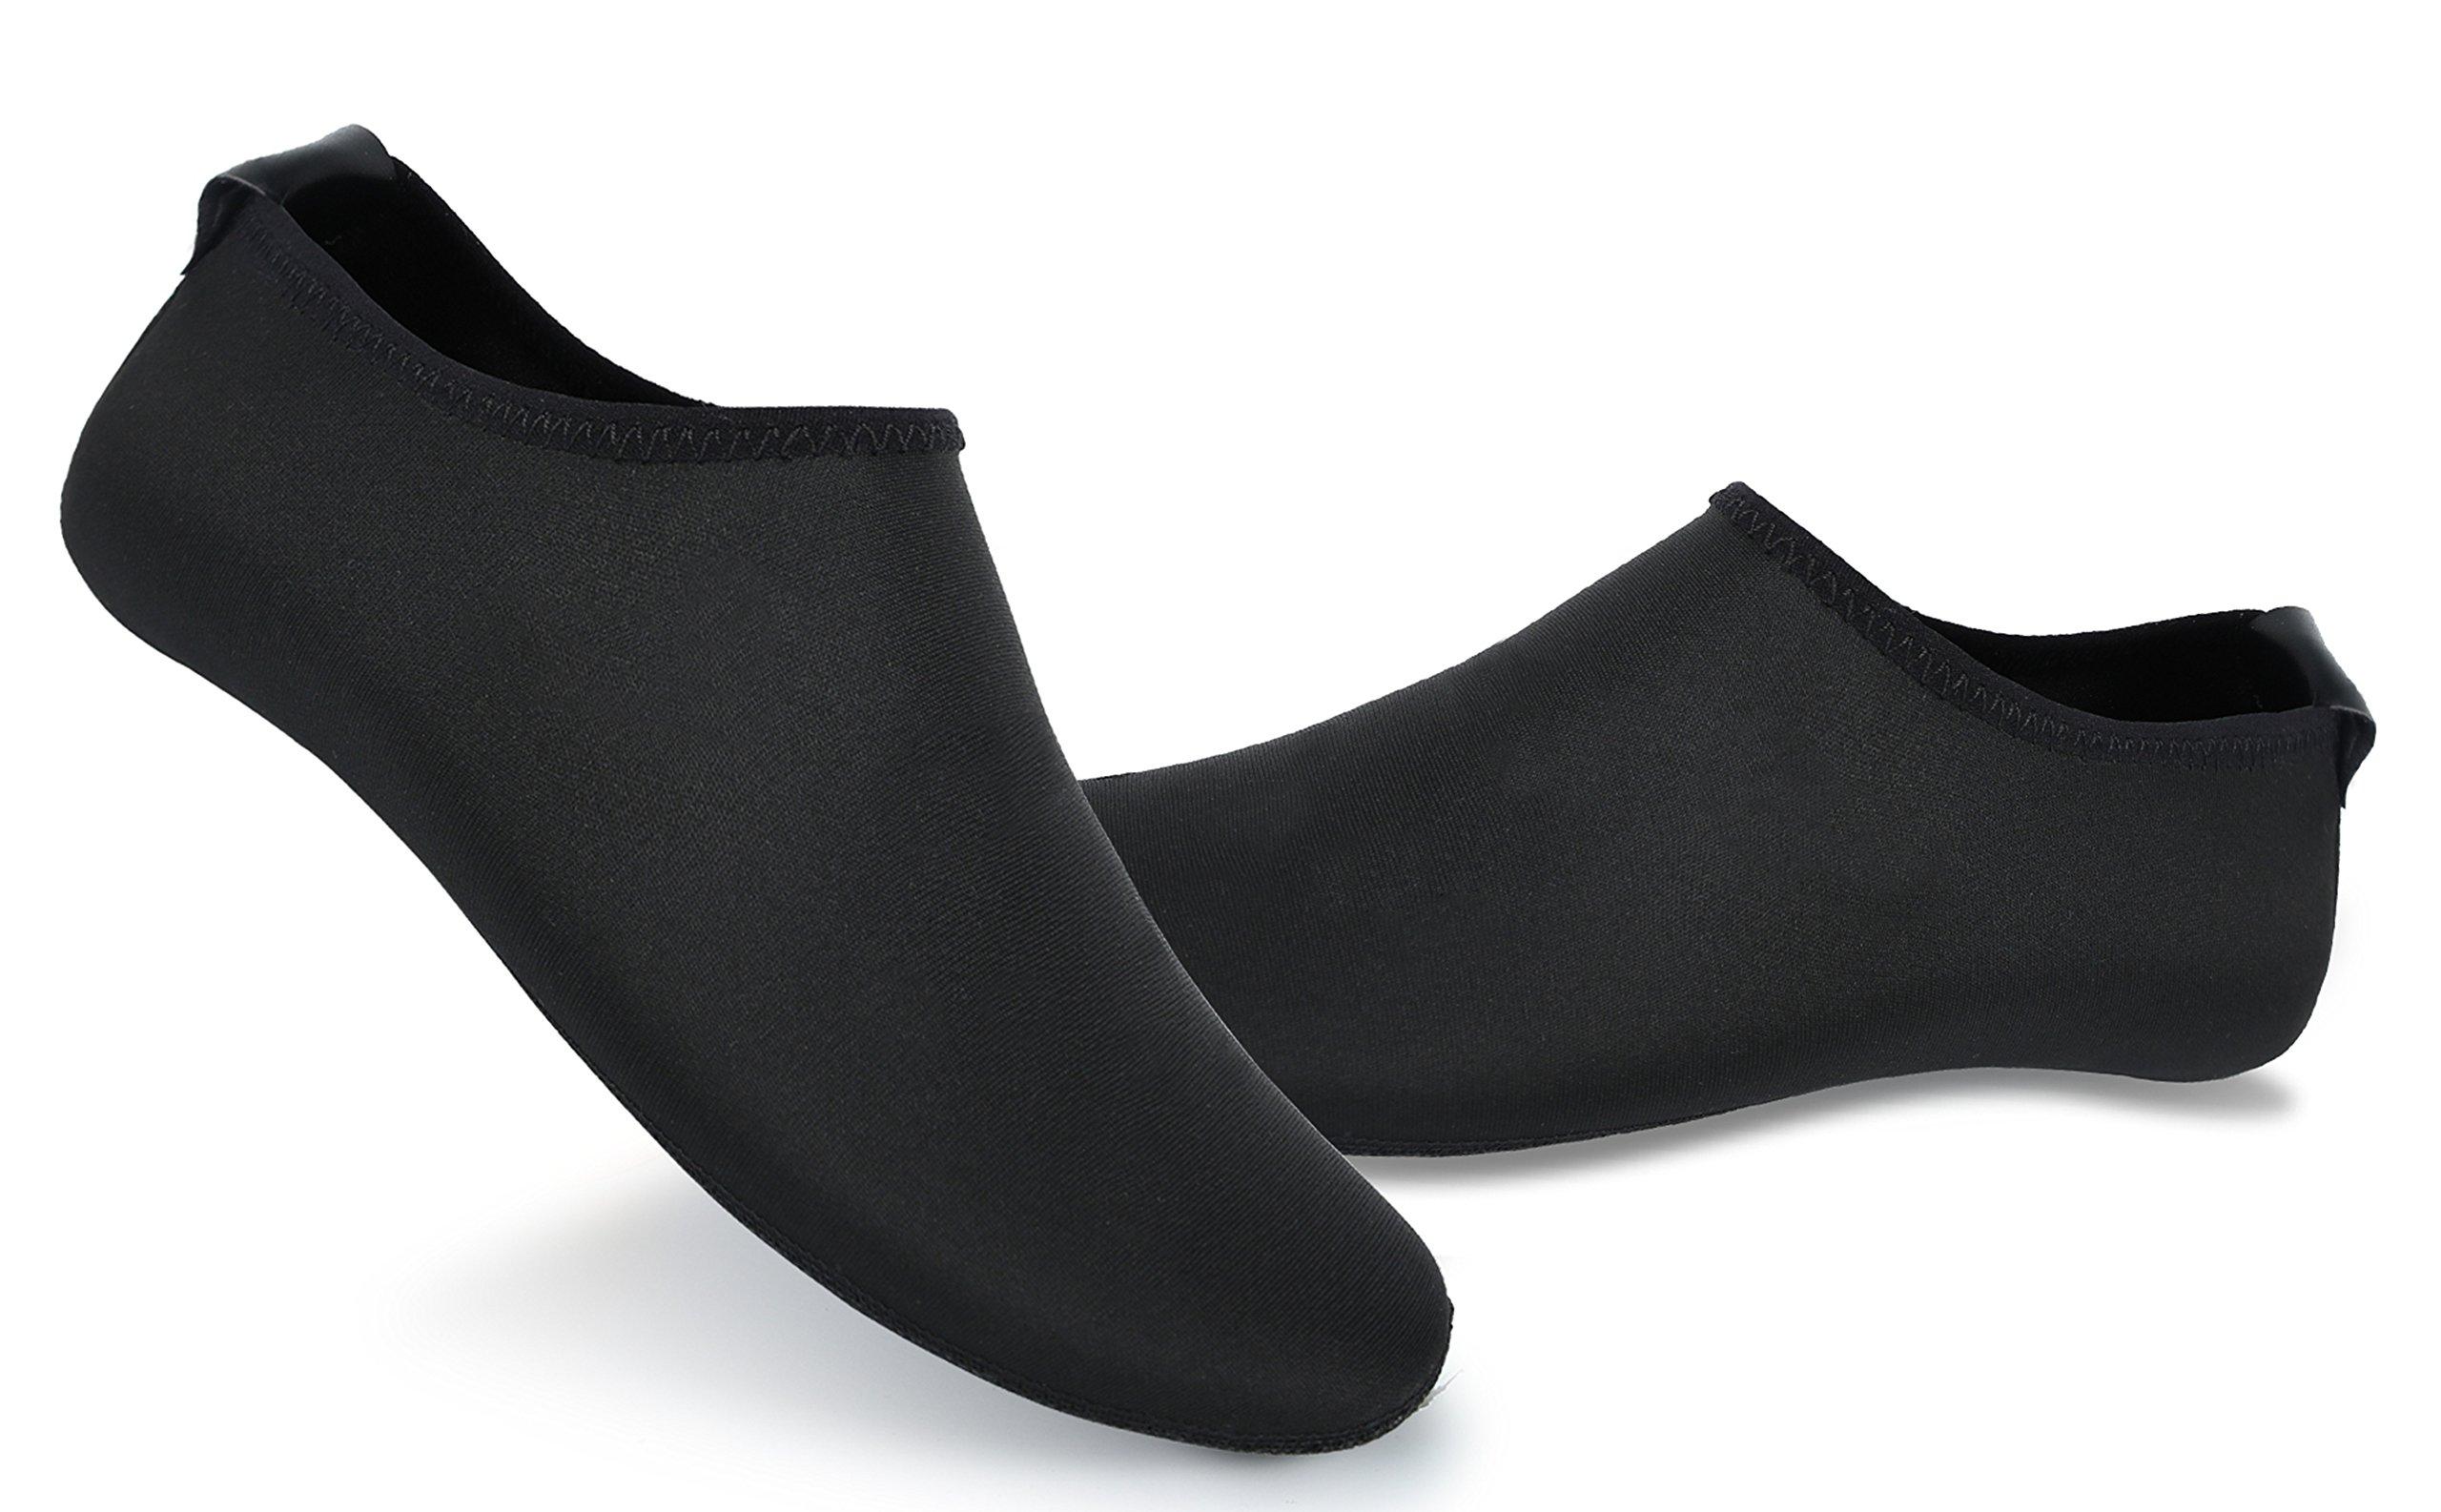 UNN Yoga Socks Water shoes for Women Slip-on Anti-Skid Barefoot Barre Pilates Ballet Maternity Indoor Slipper all black-L